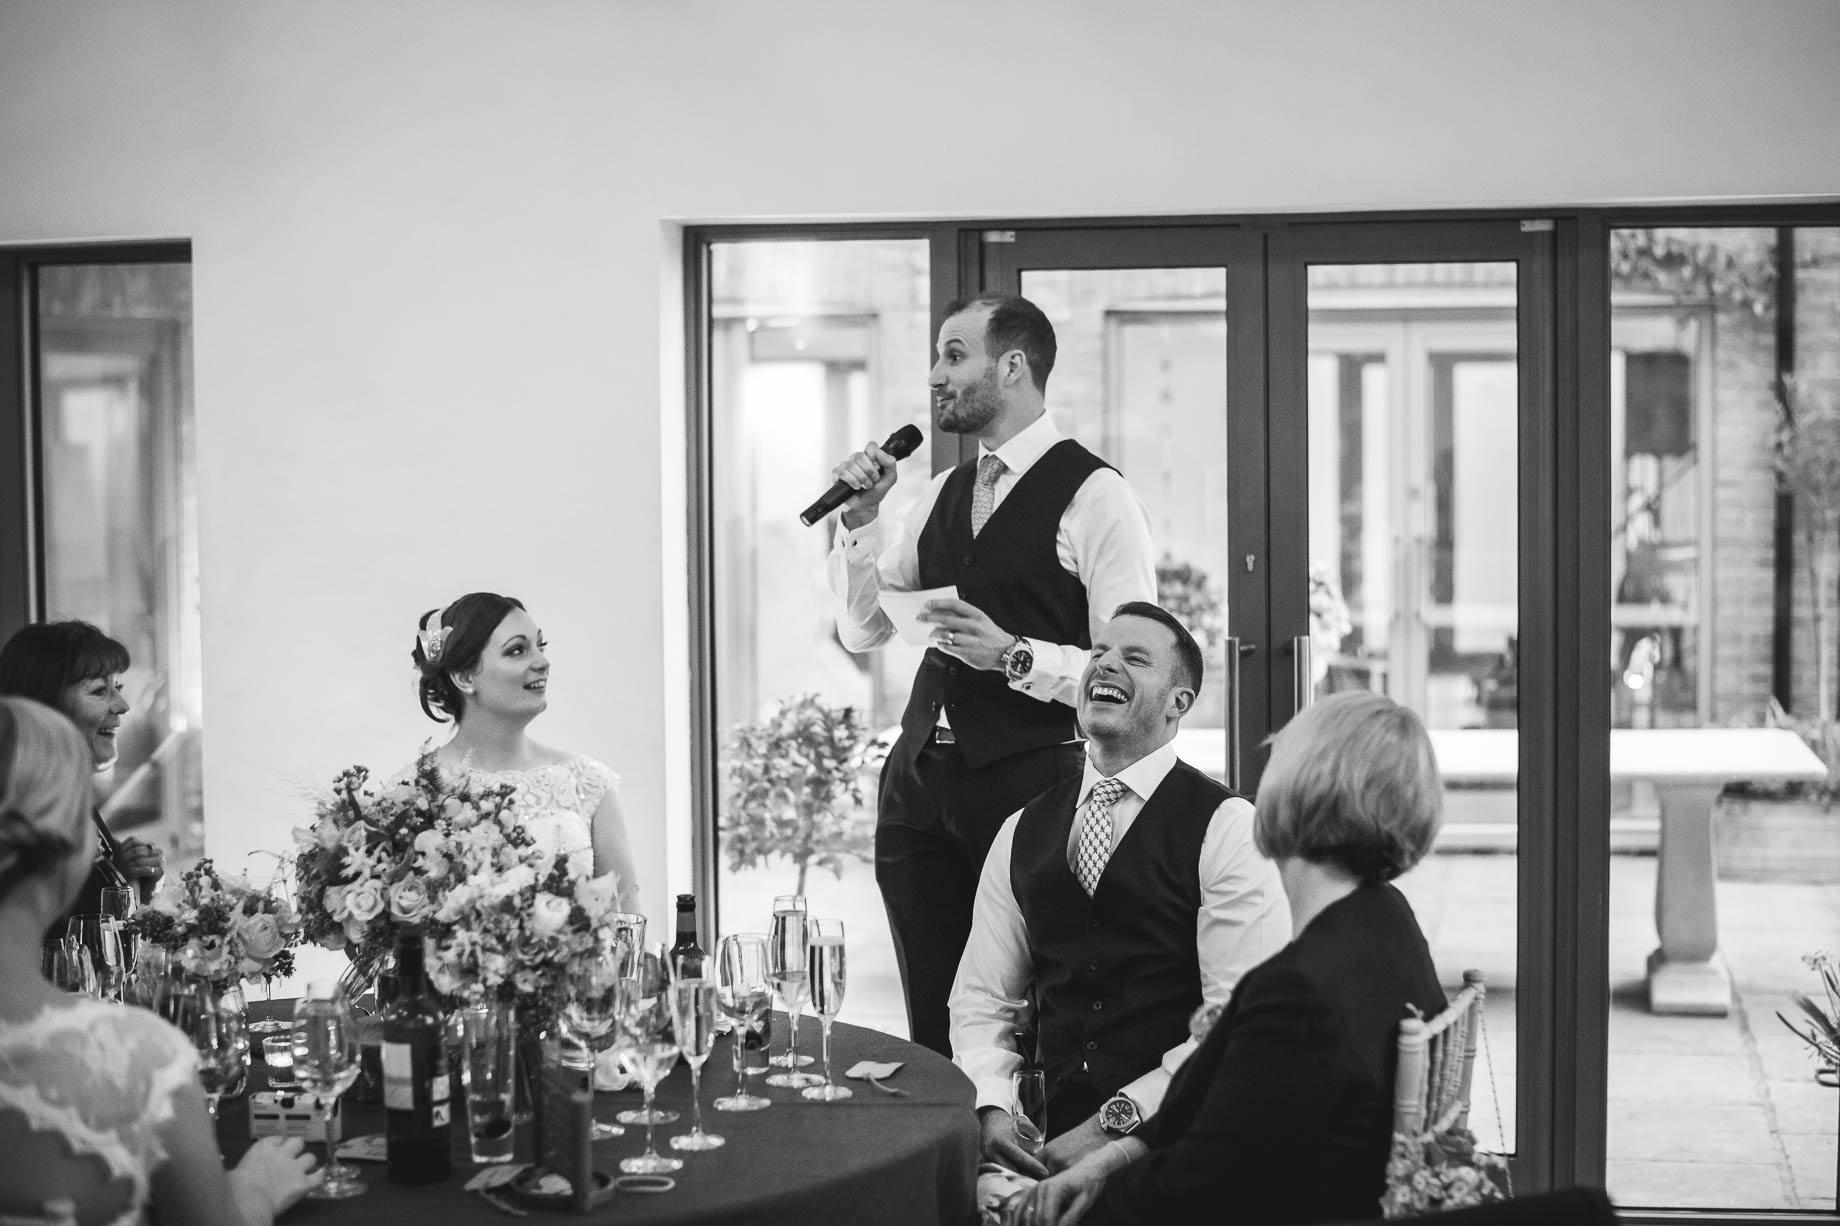 Millbridge Court Wedding Photography - Lisa and Daniel (153 of 173)